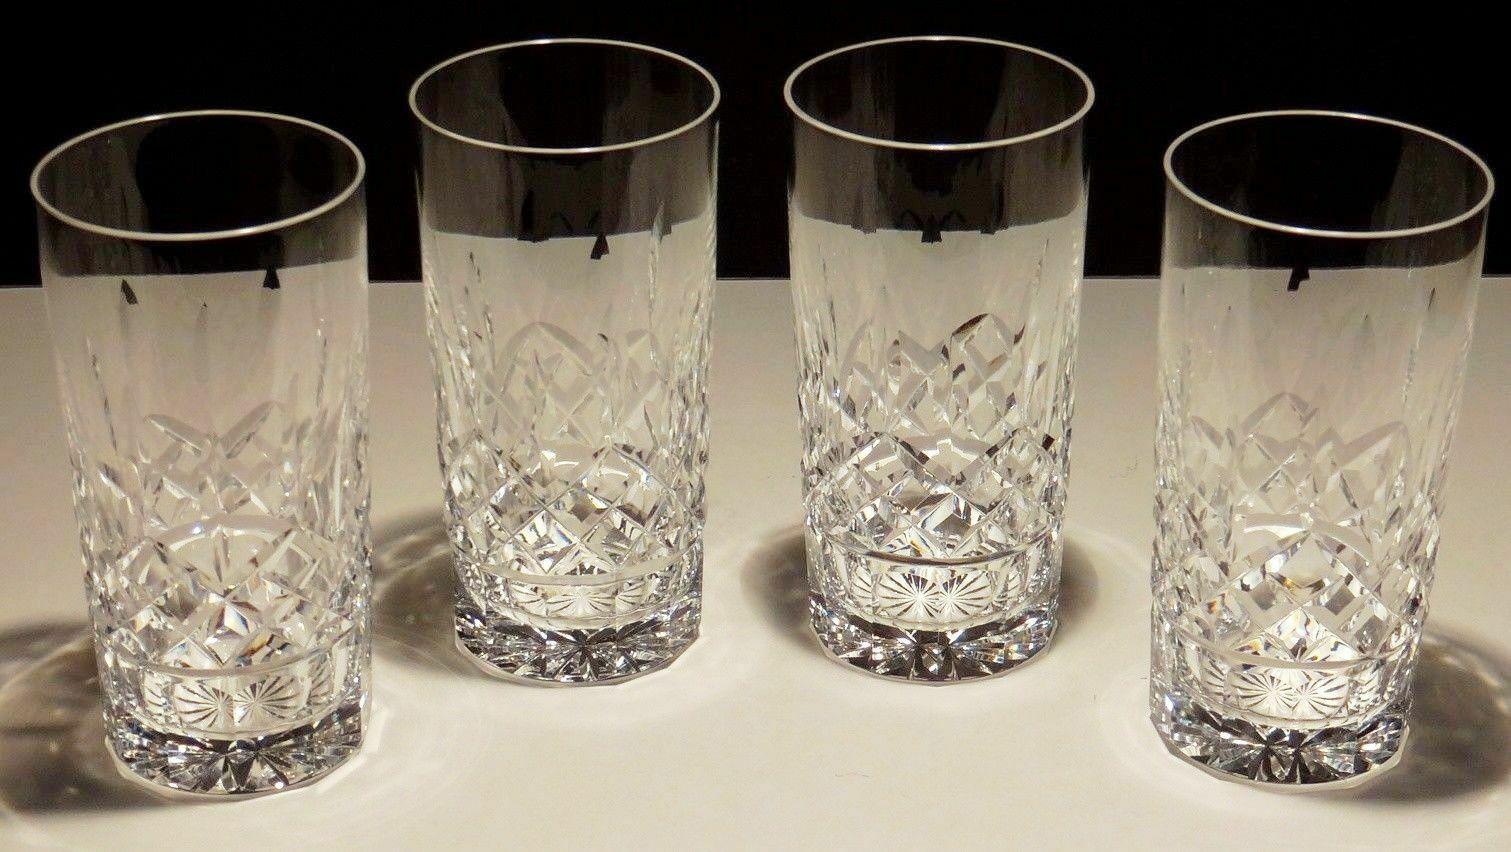 стаканы из хрусталя дизайн